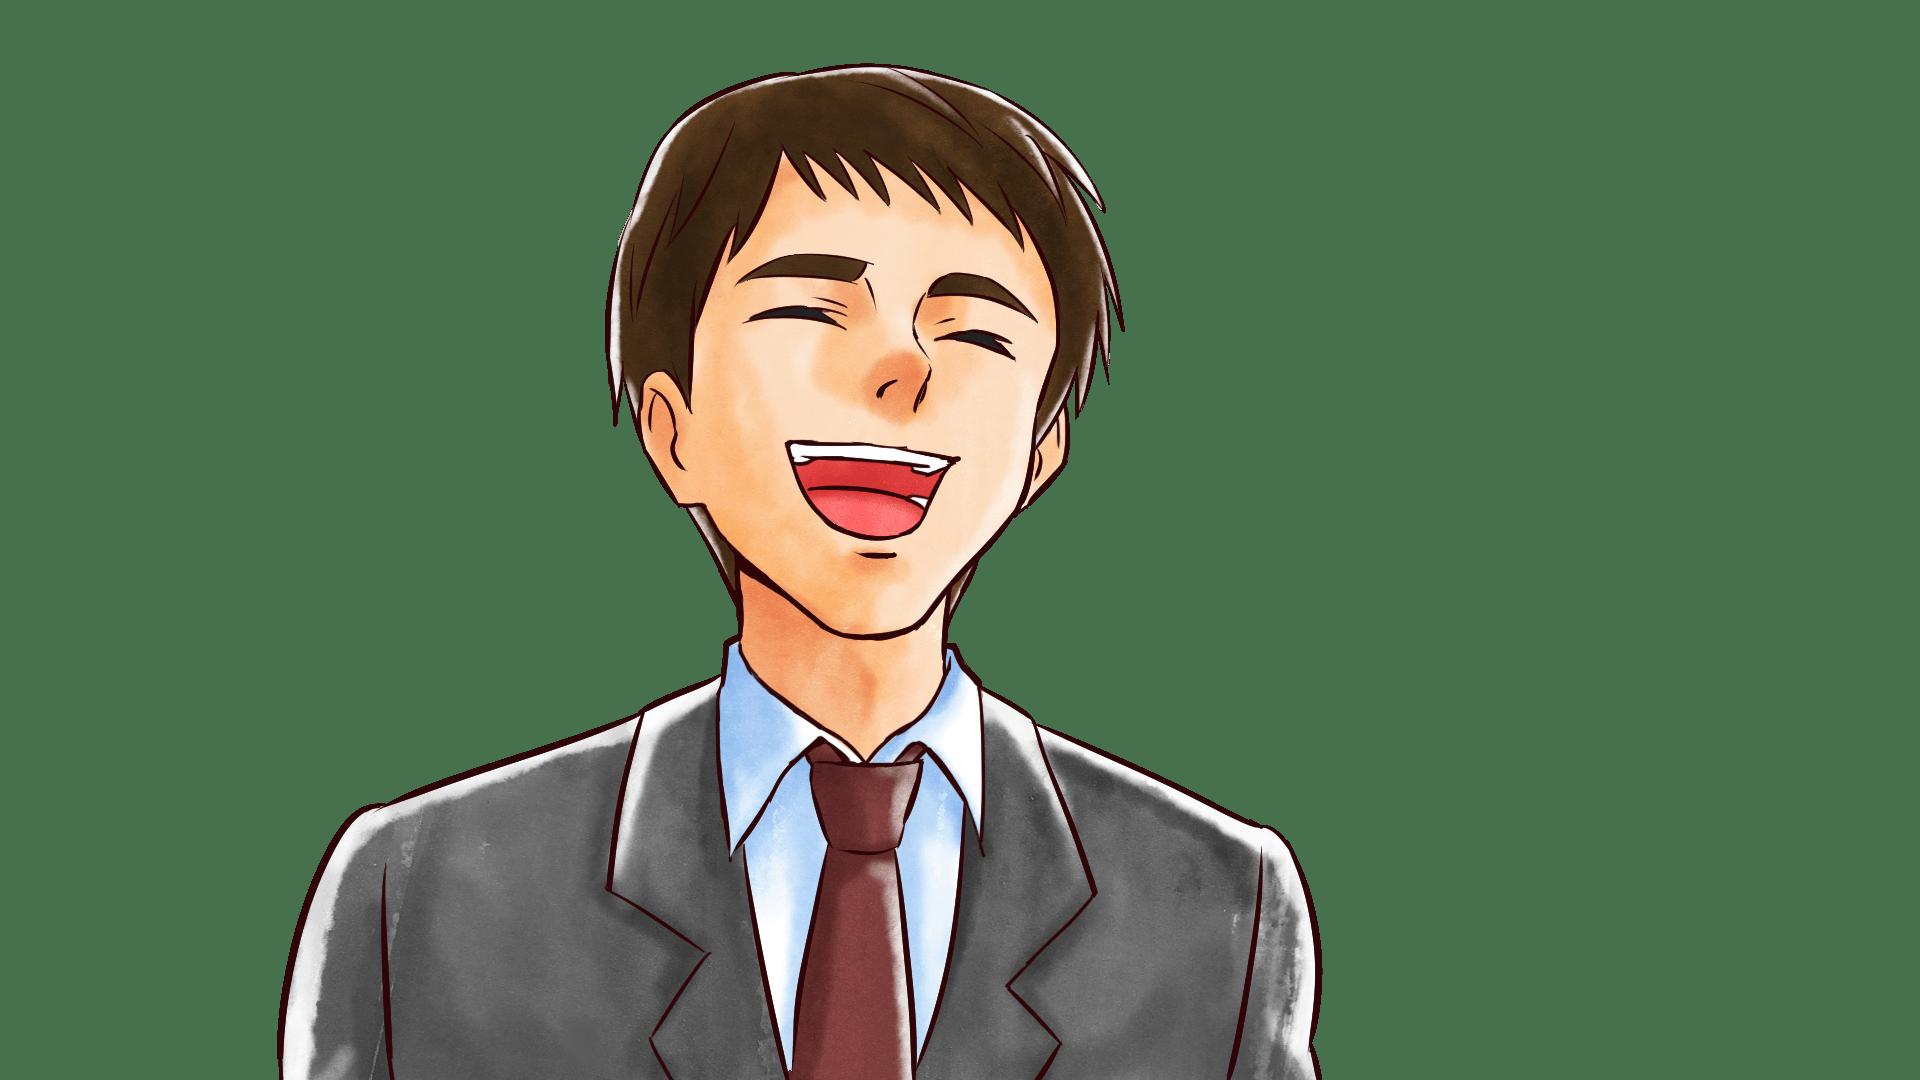 smile-man